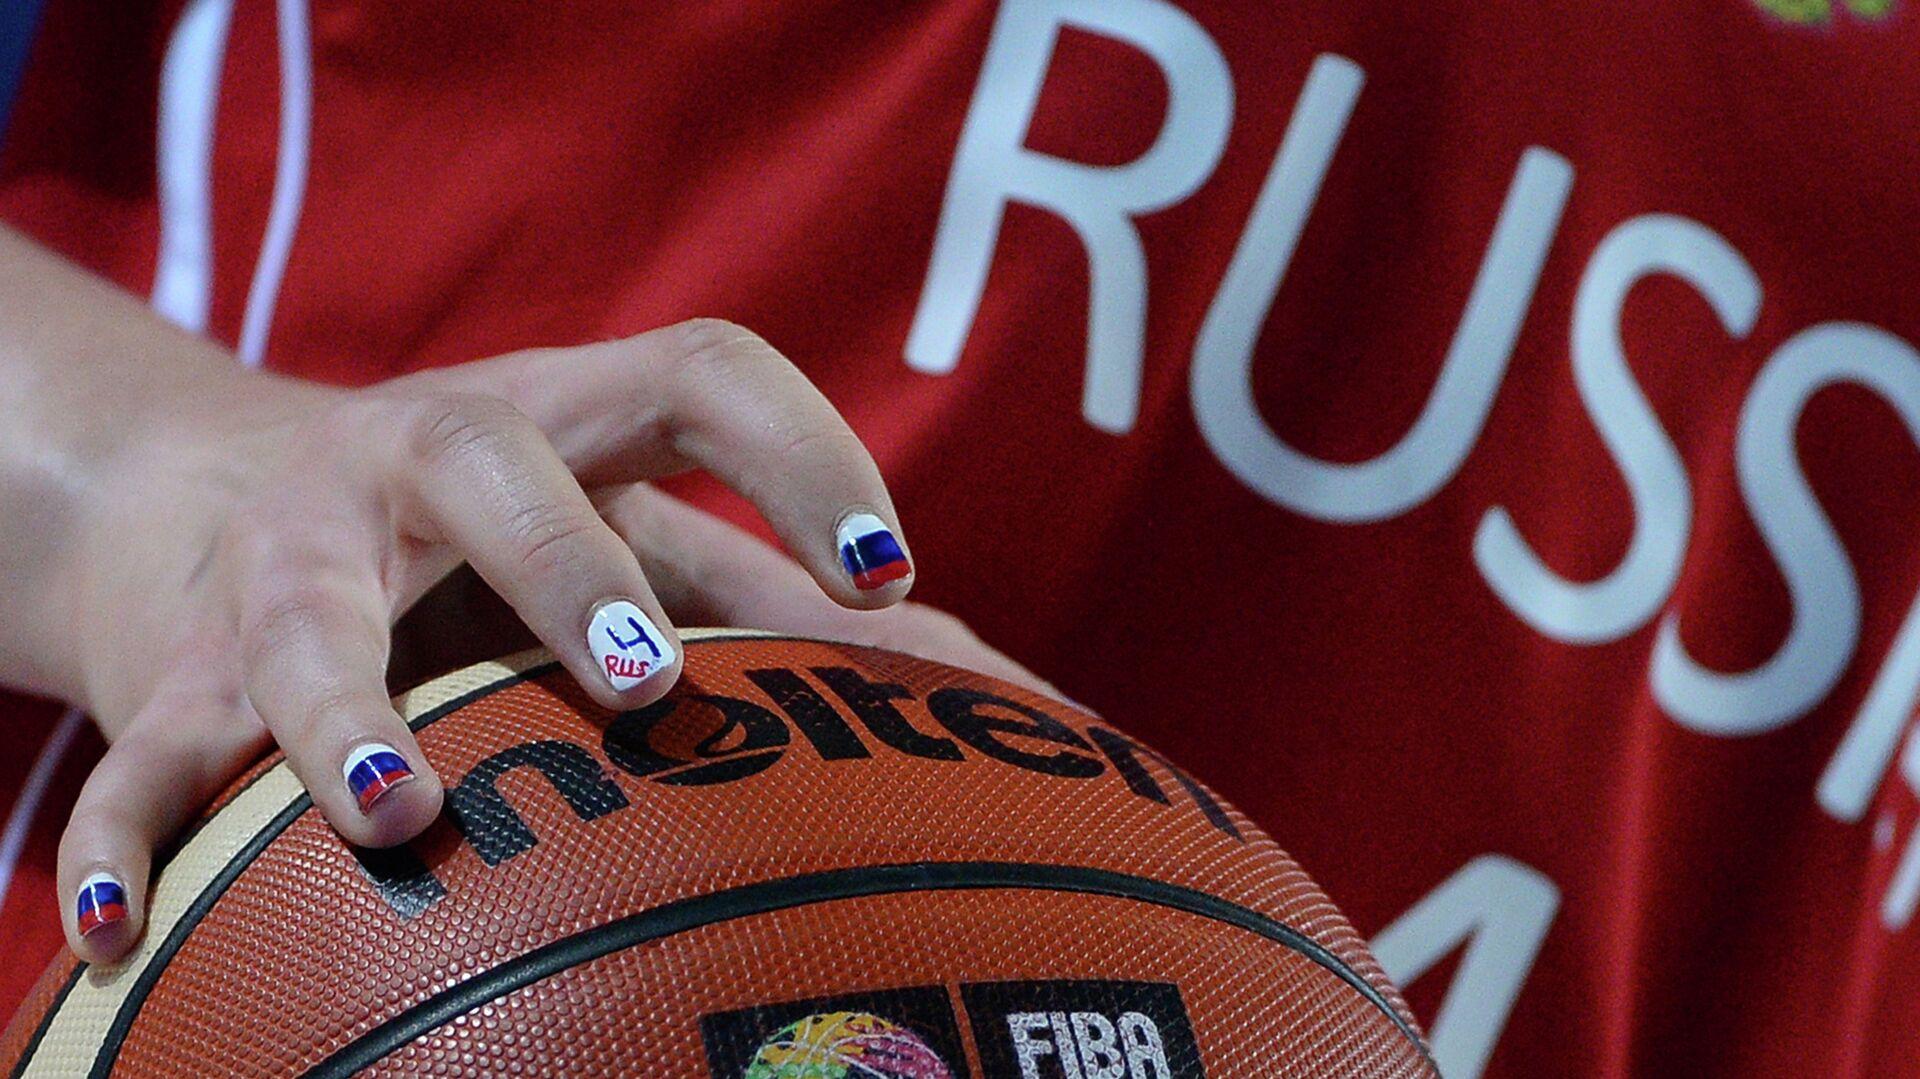 Баскетбольный мяч - РИА Новости, 1920, 17.06.2021